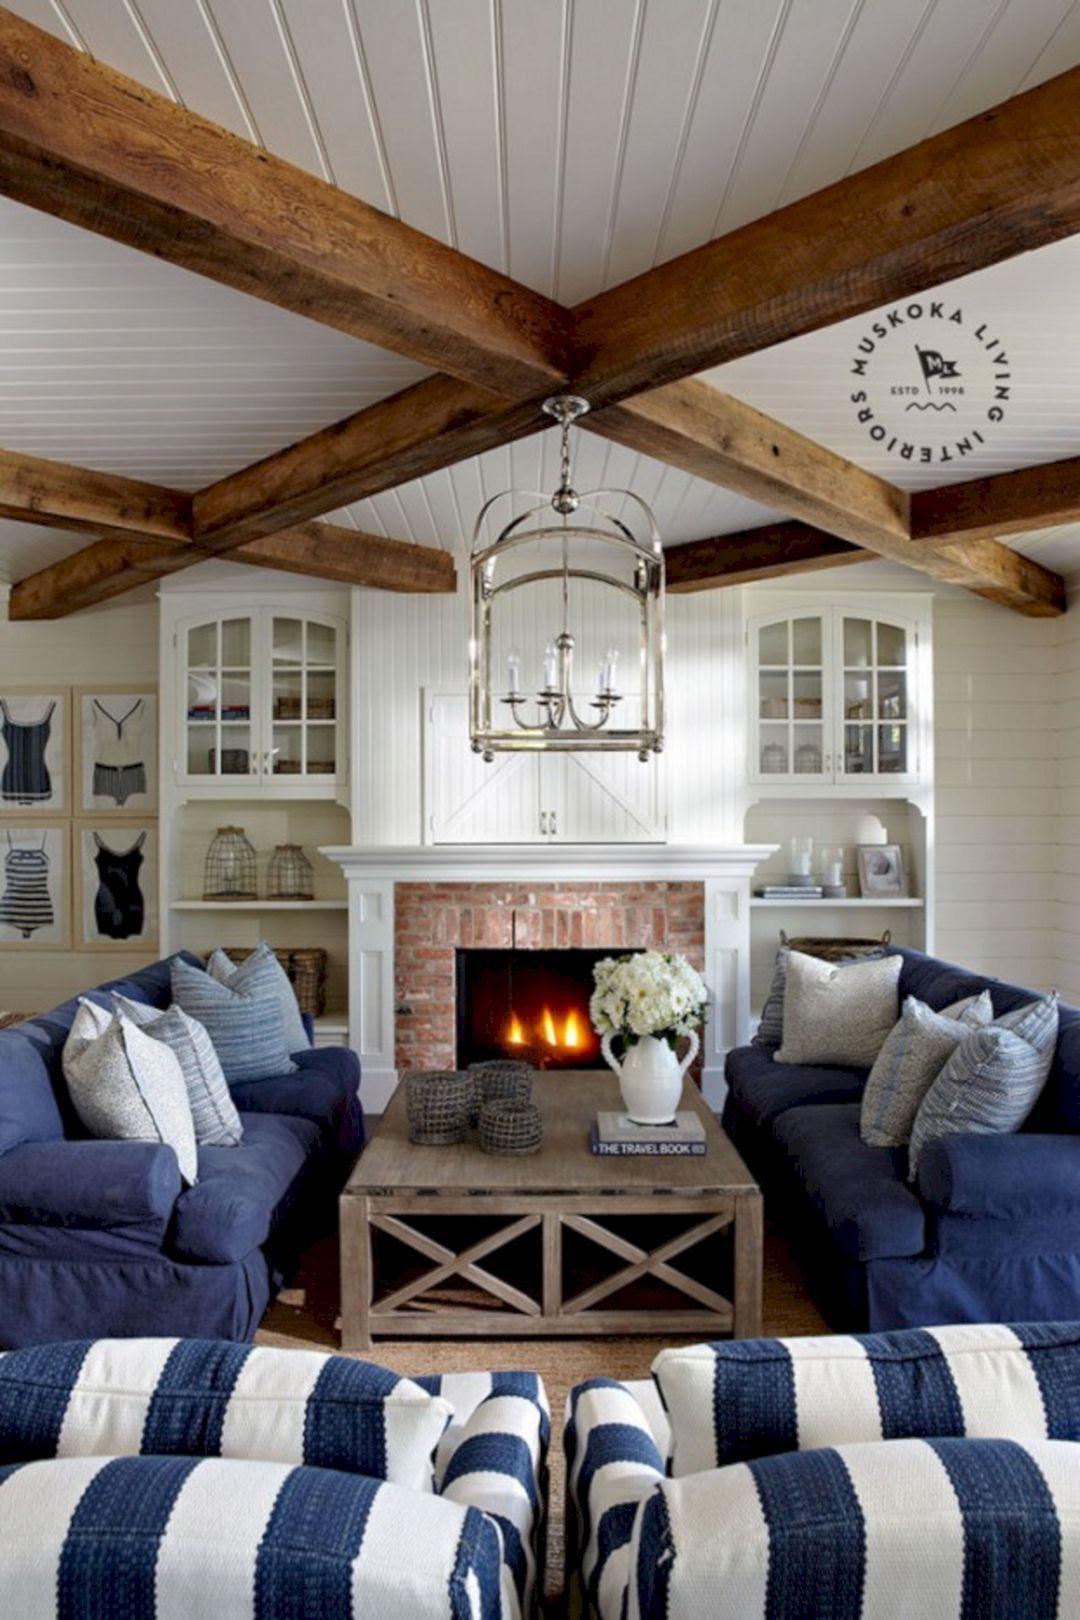 25+ Unique Rustic Coastal Nautical Living Room Ideas For Amazing Room